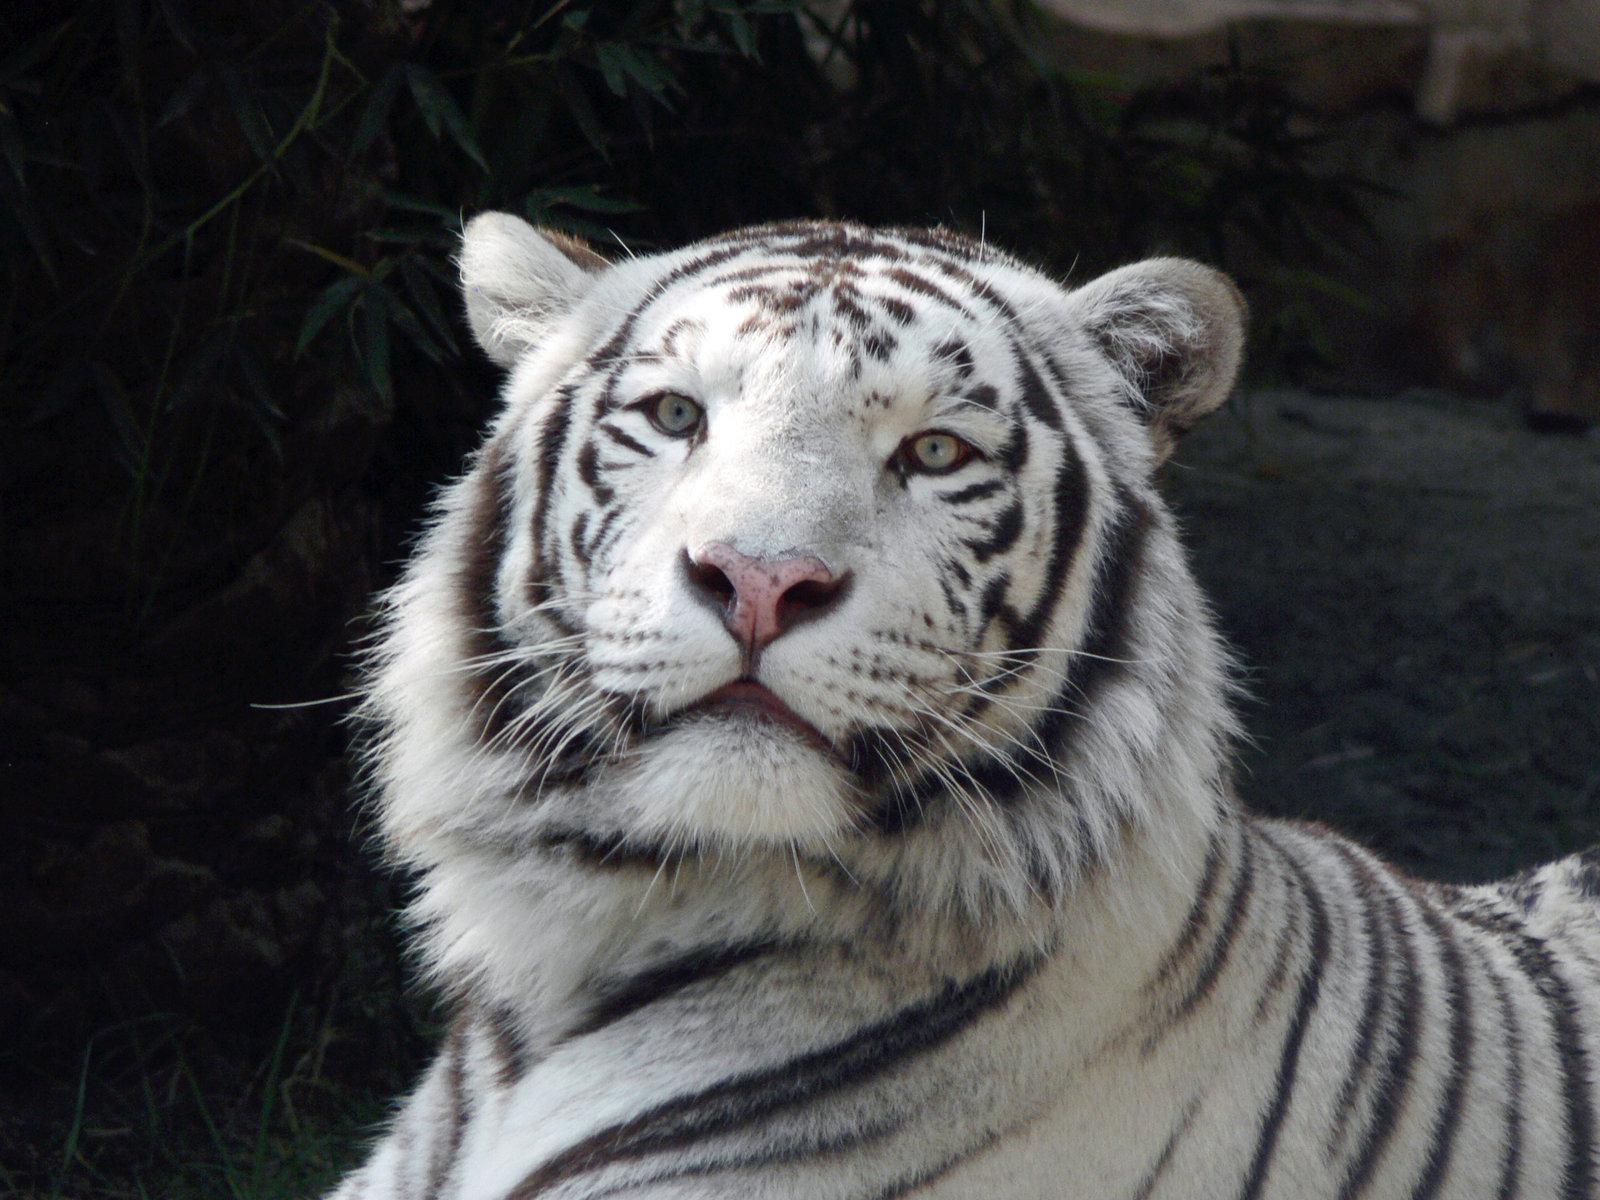 White tiger dangerous wallpaper HD Wallpaper 1600x1200